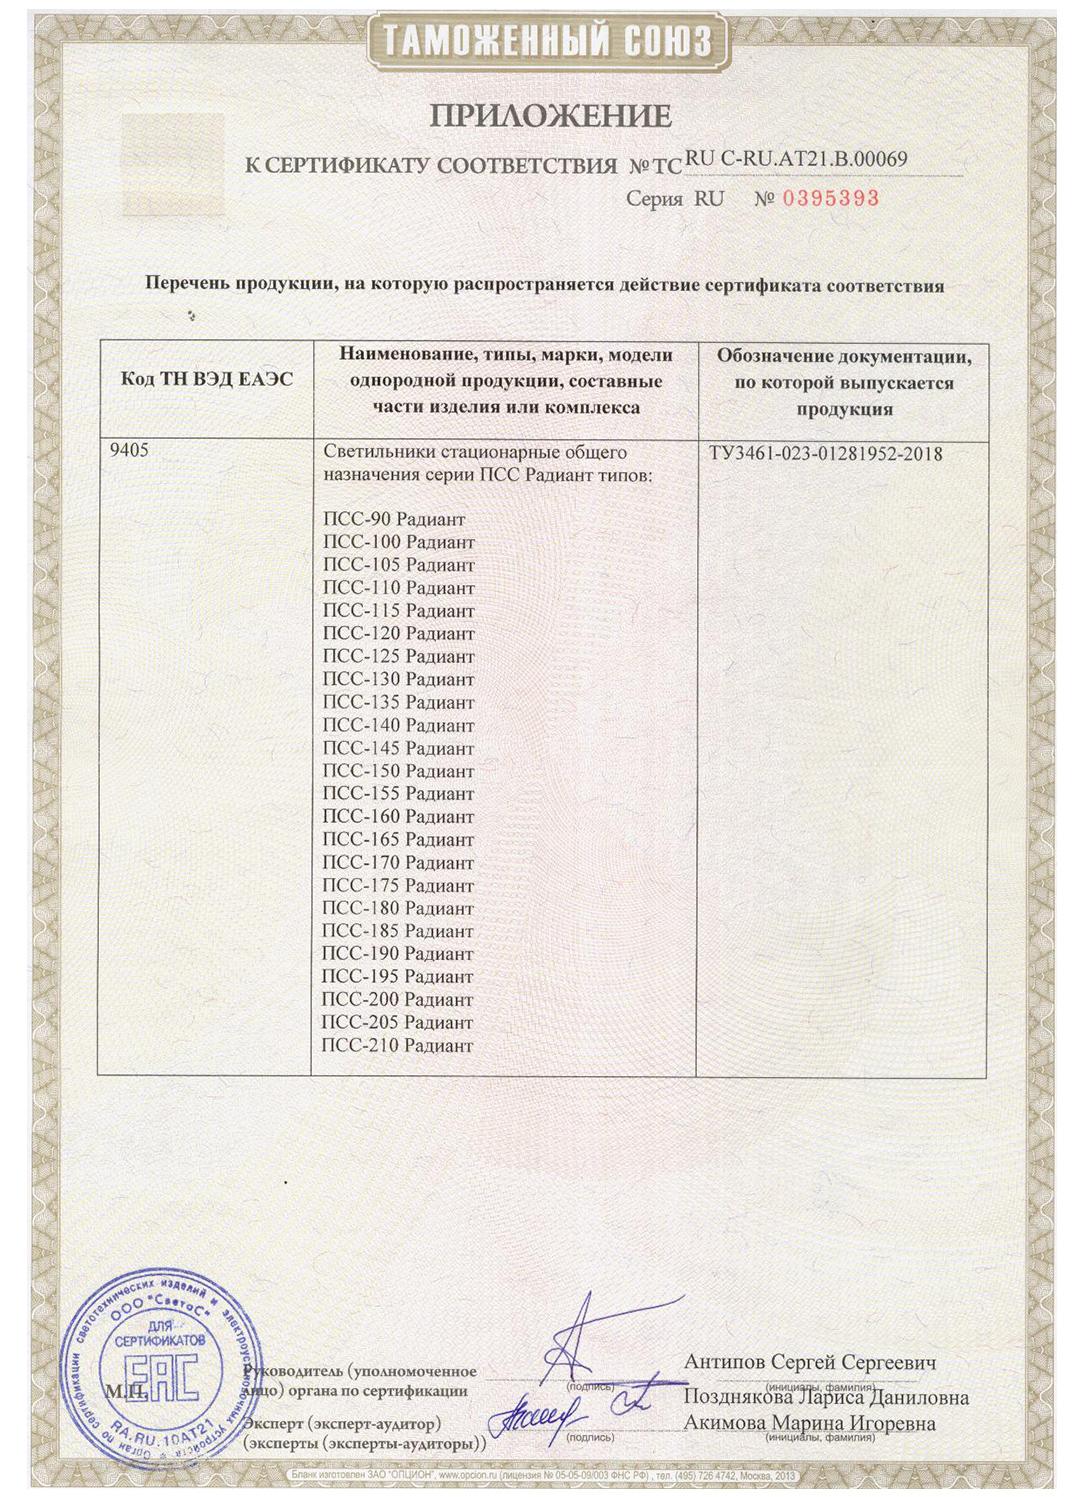 Сертификат соответствия Таможенного союза на светильники ПСС Радиант. Приложение 1